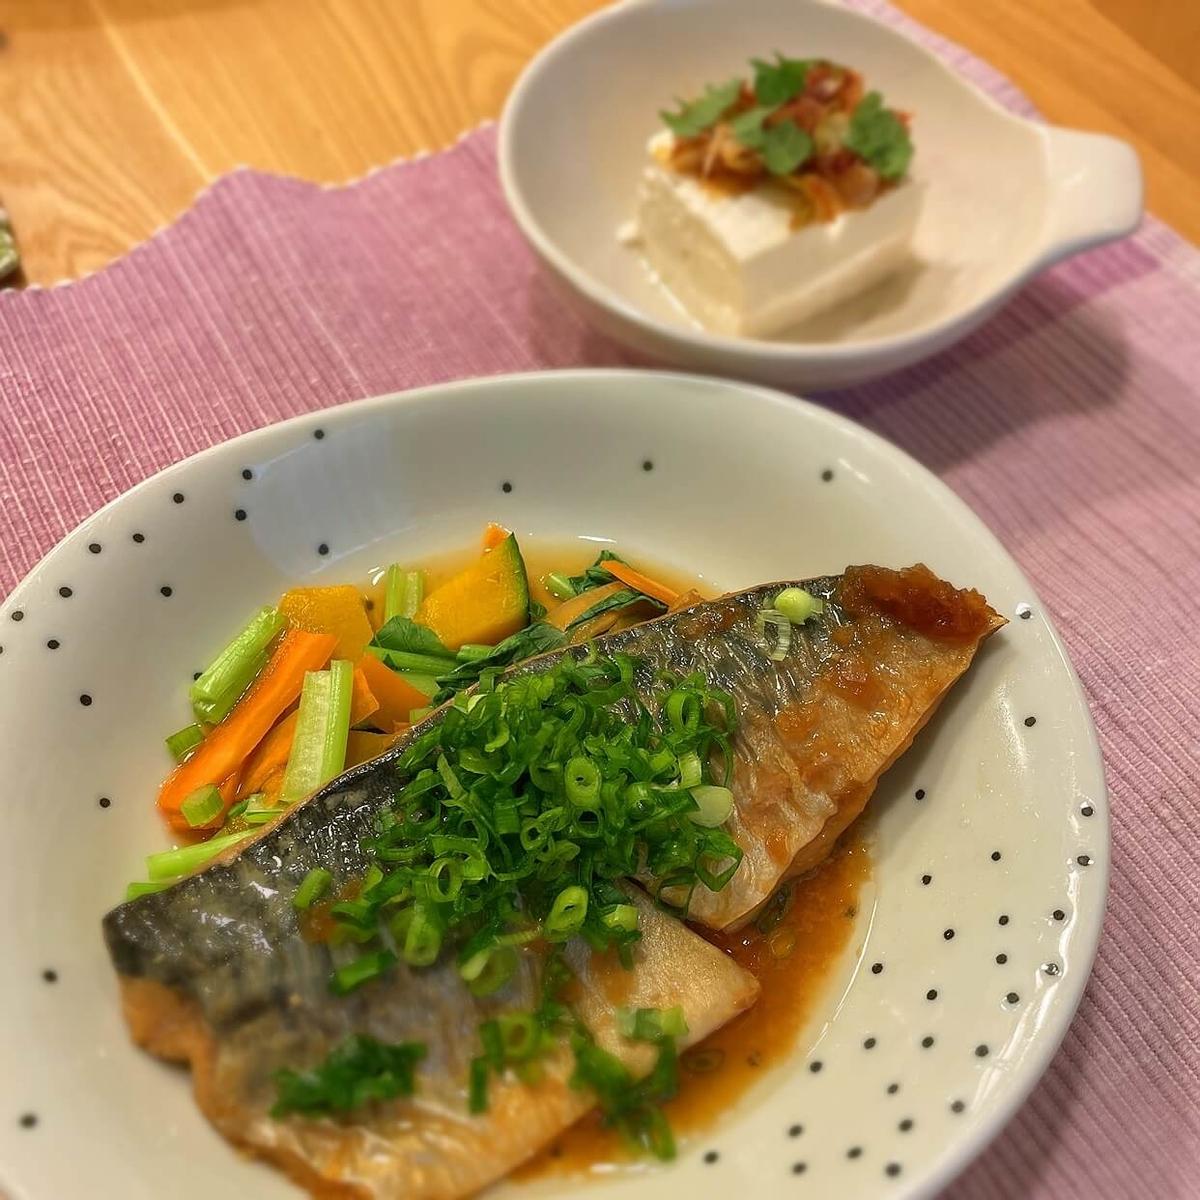 オイシックスのミールキット サバのみぞれ煮とネギかつお醤油のせ豆腐